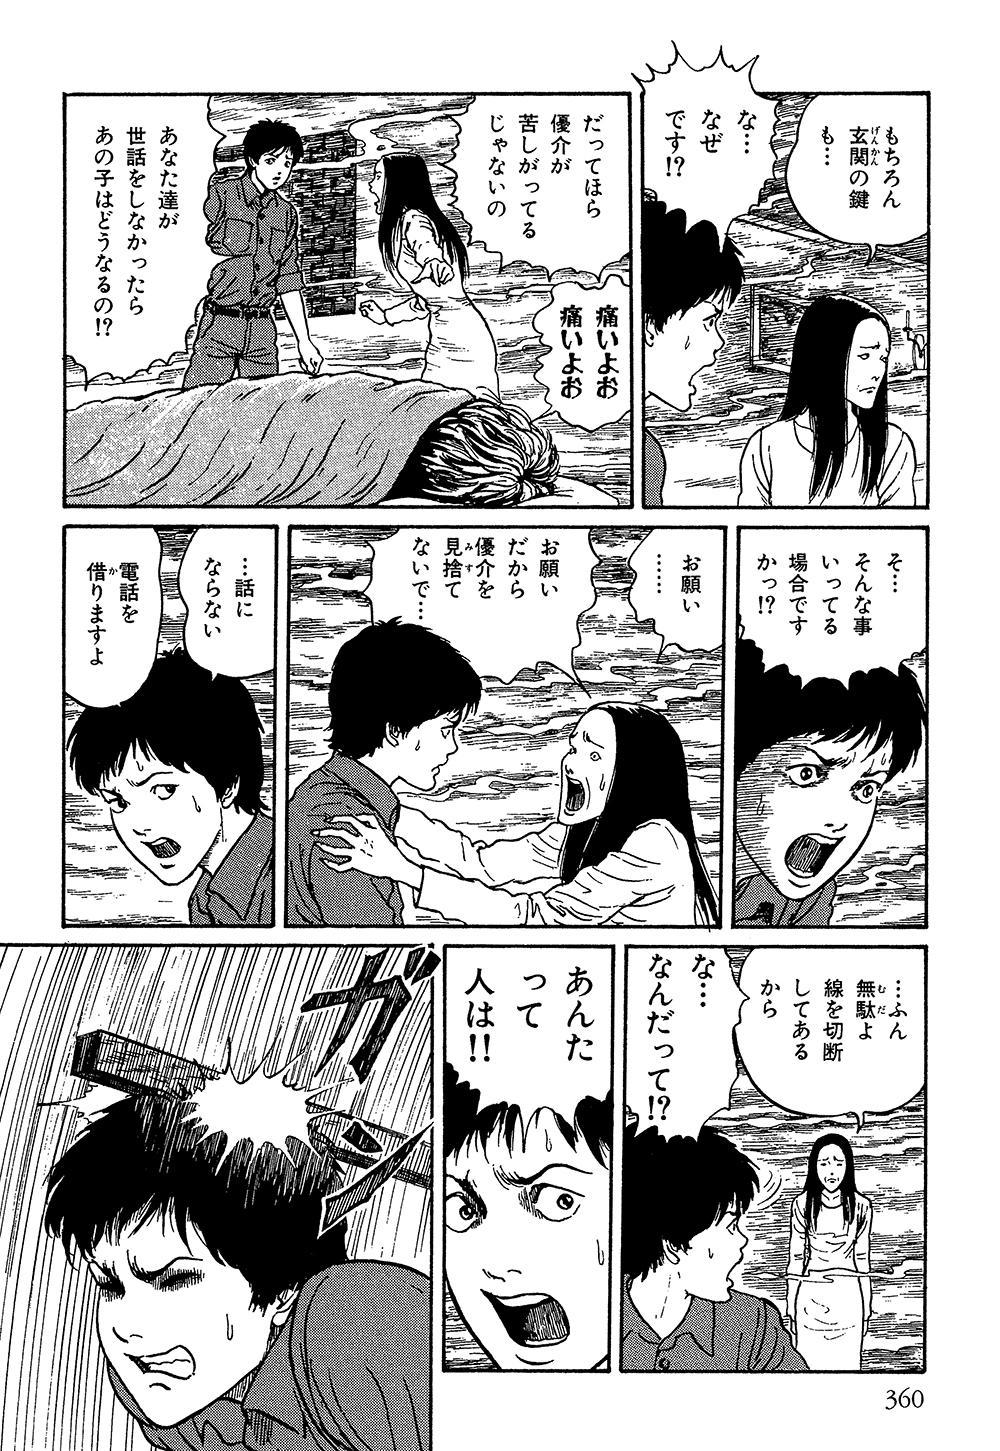 itouj_0004_0362.jpg